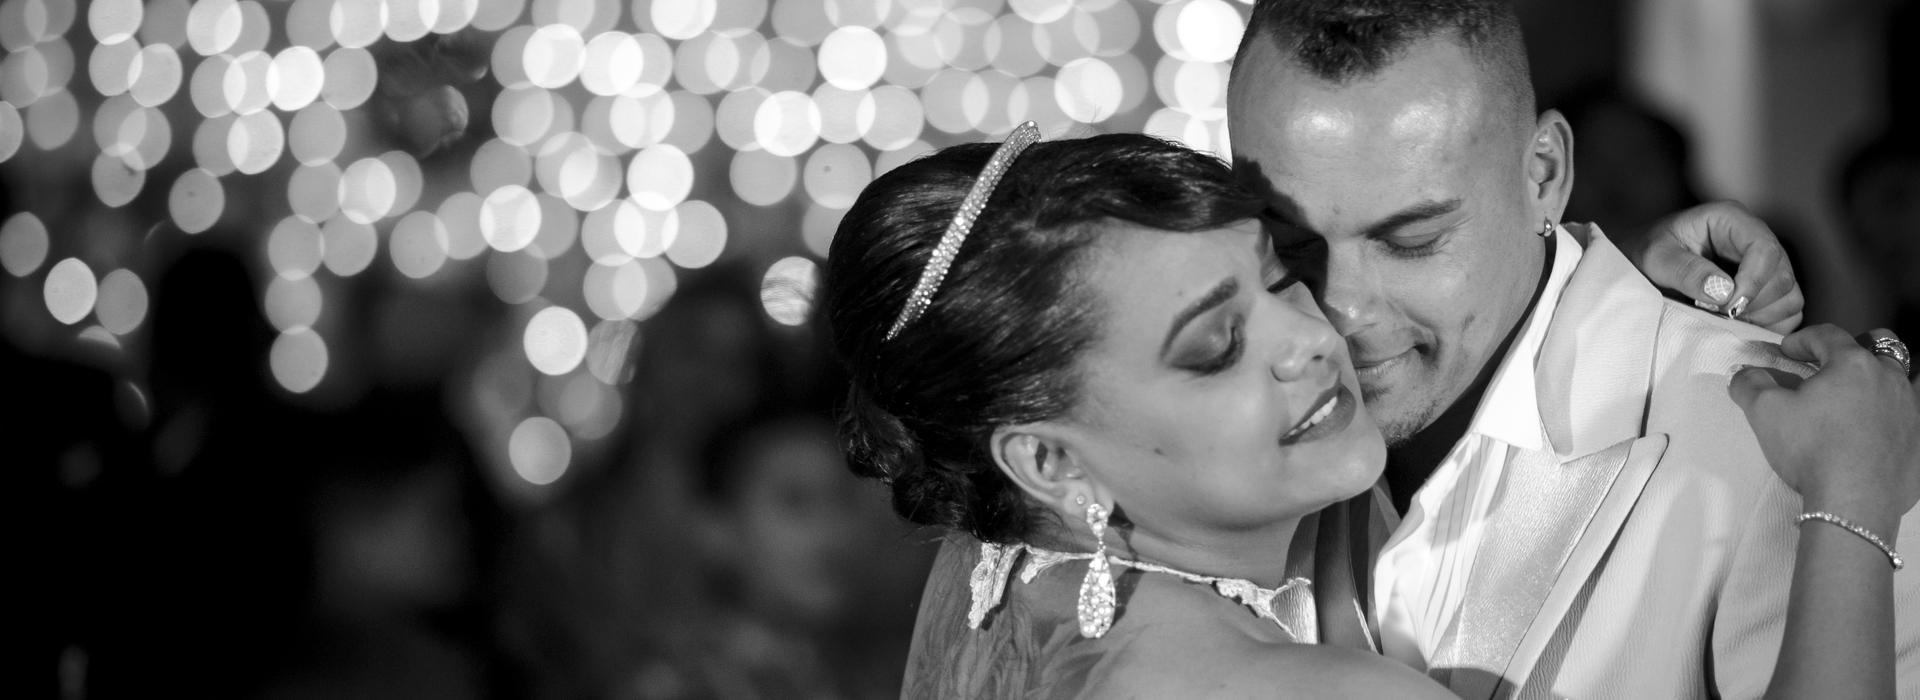 casamento de Michel e Sayonara em Sitio Calixto Guarulhos SP